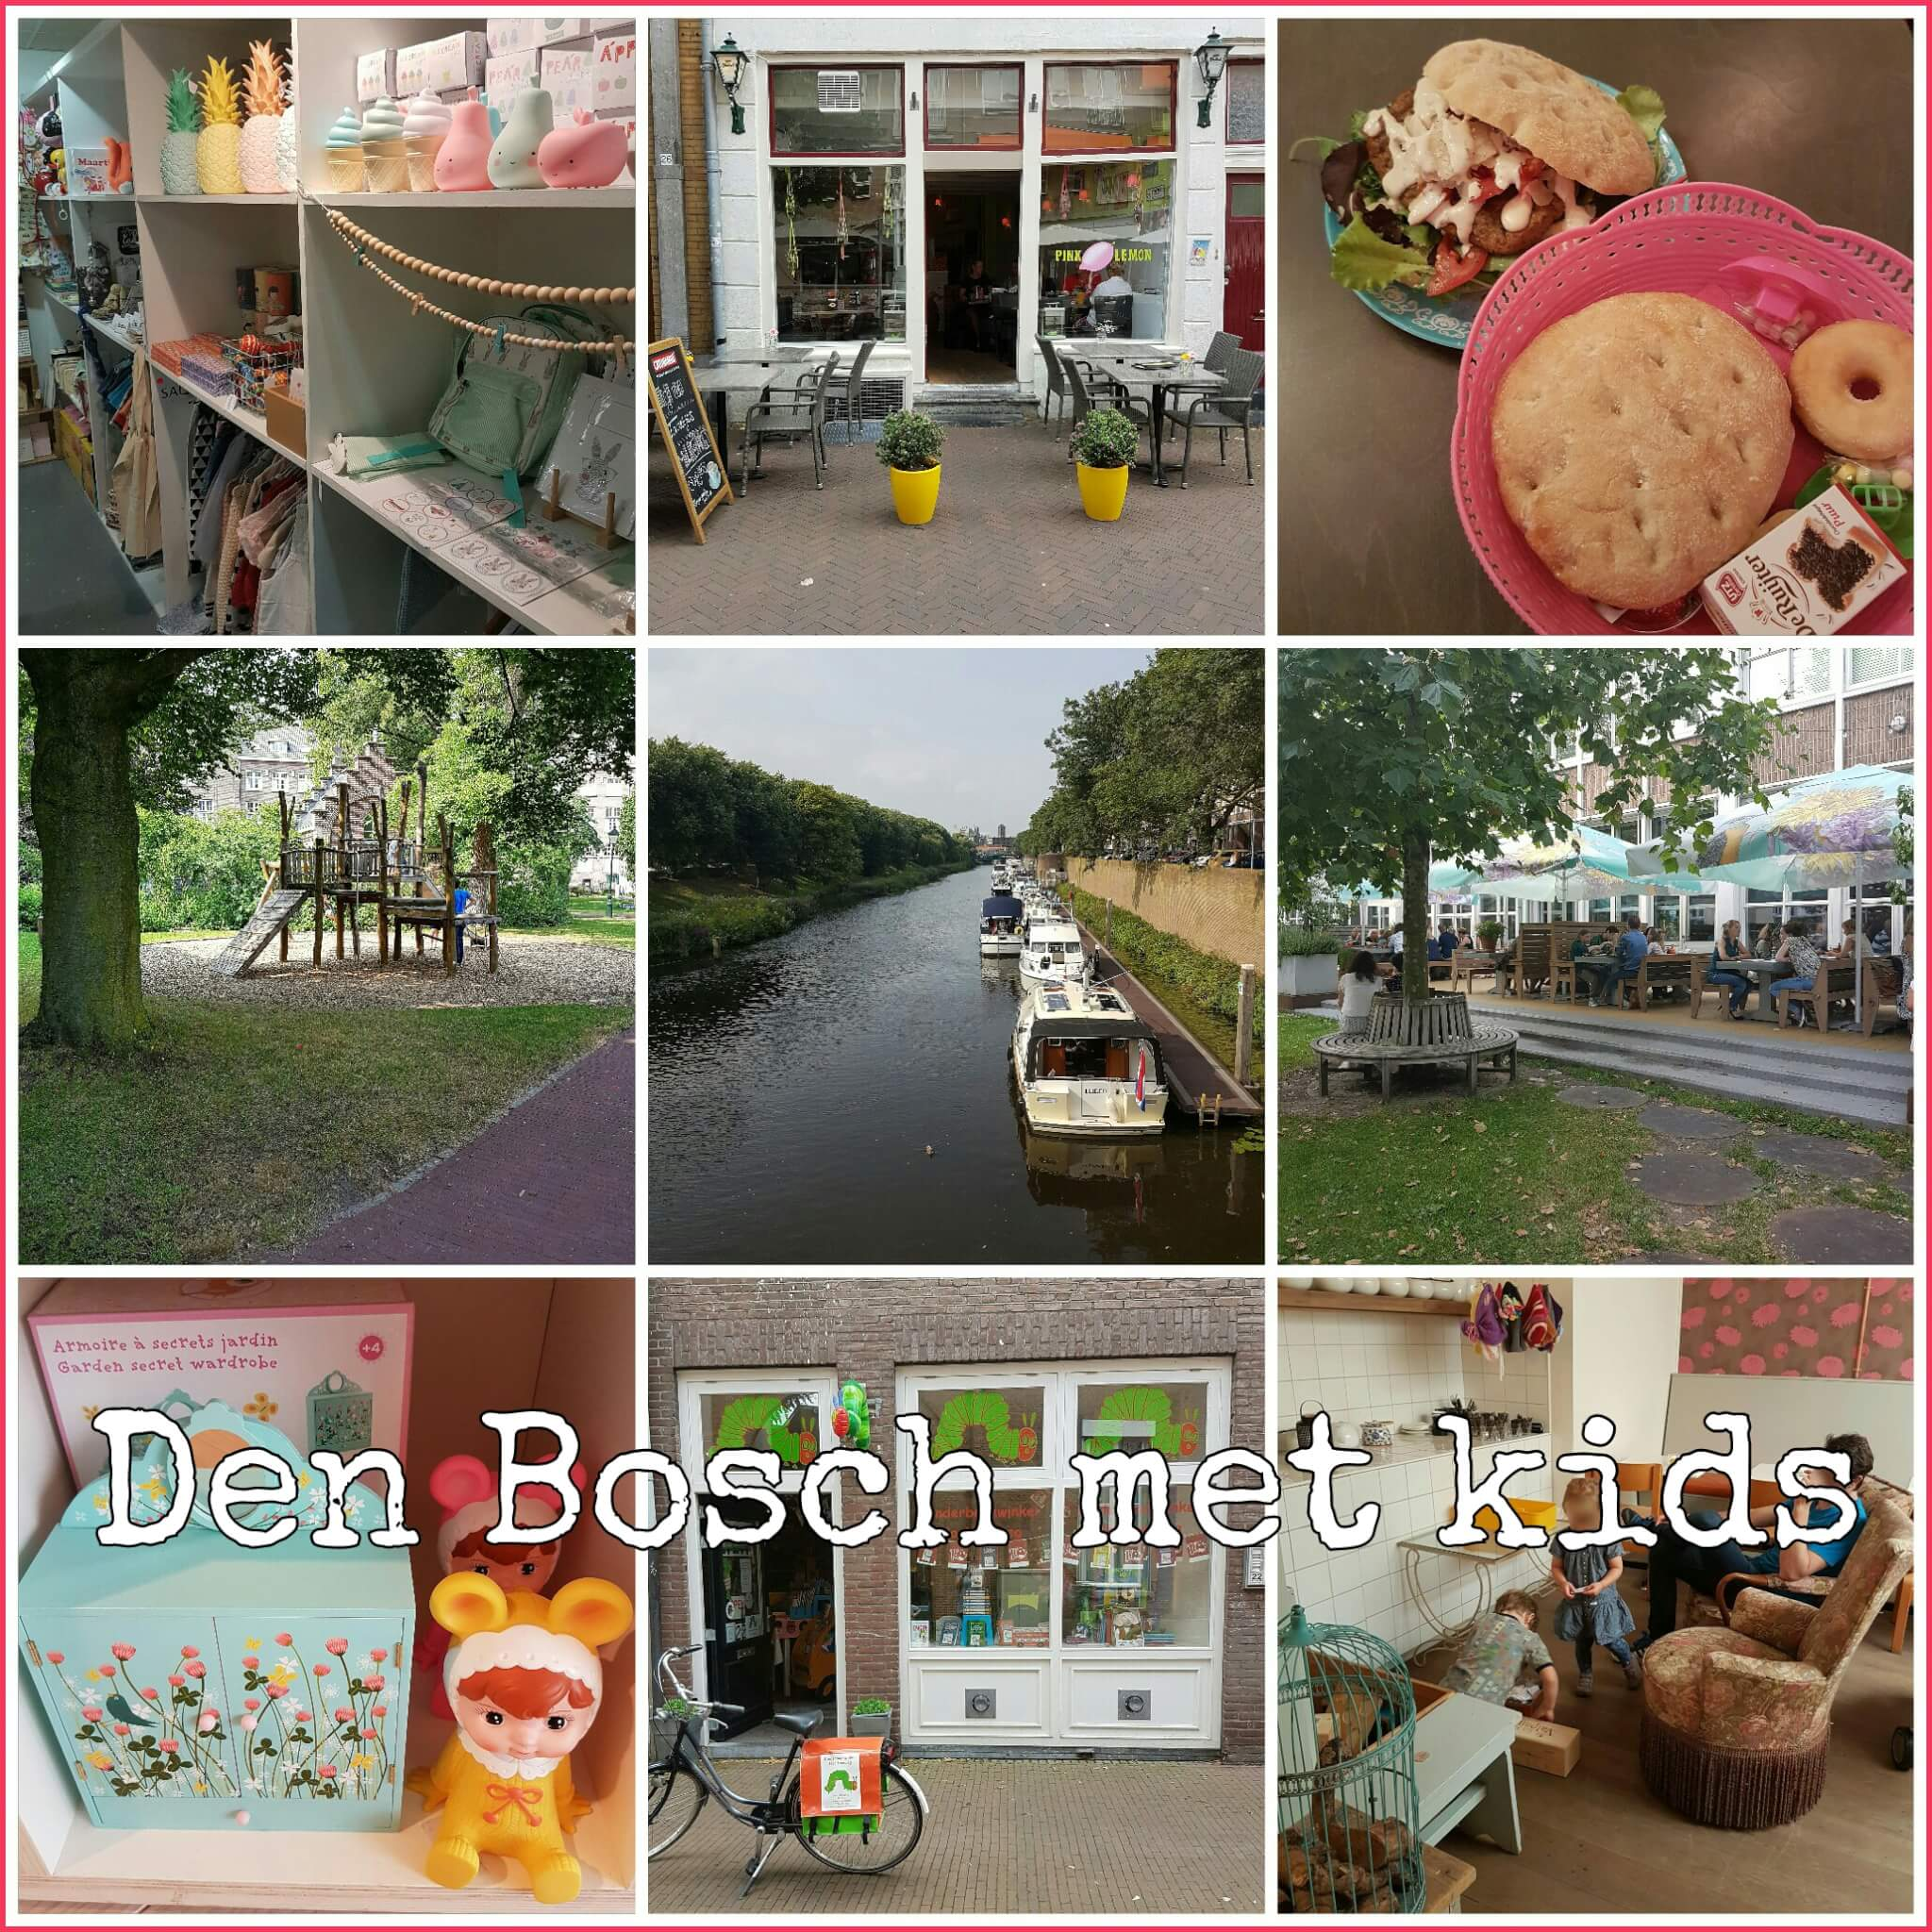 Den Bosch met kids kinderwinkels, restaurants, varen en naar de speeltuin